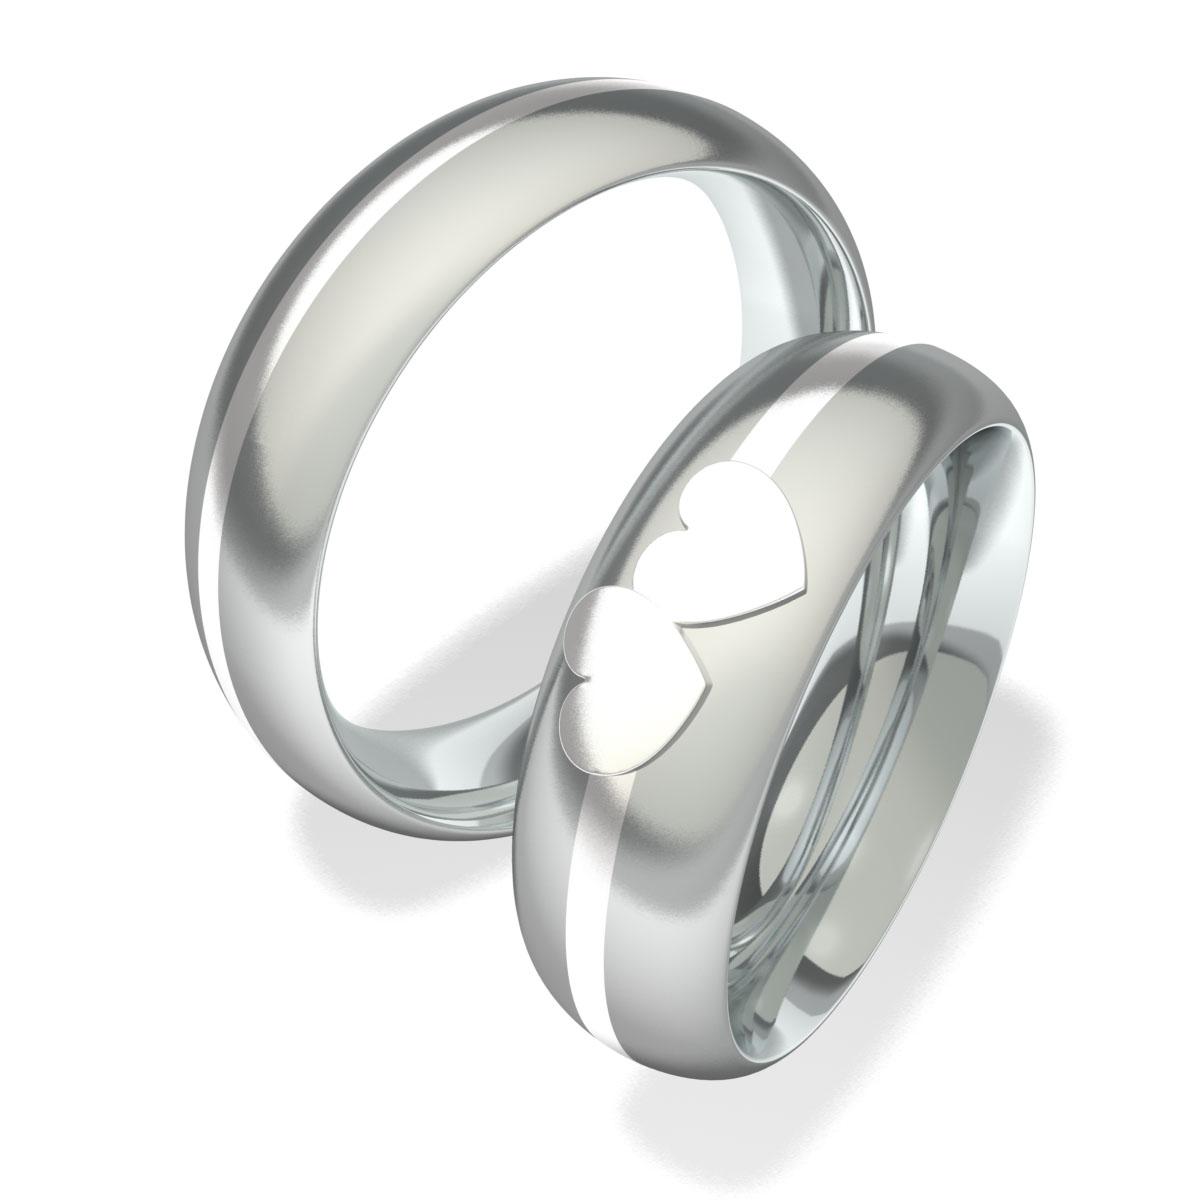 Luxusní Ocelové snubní prsteny 7093 (Luxusní Ocelové snubní prsteny 7093)